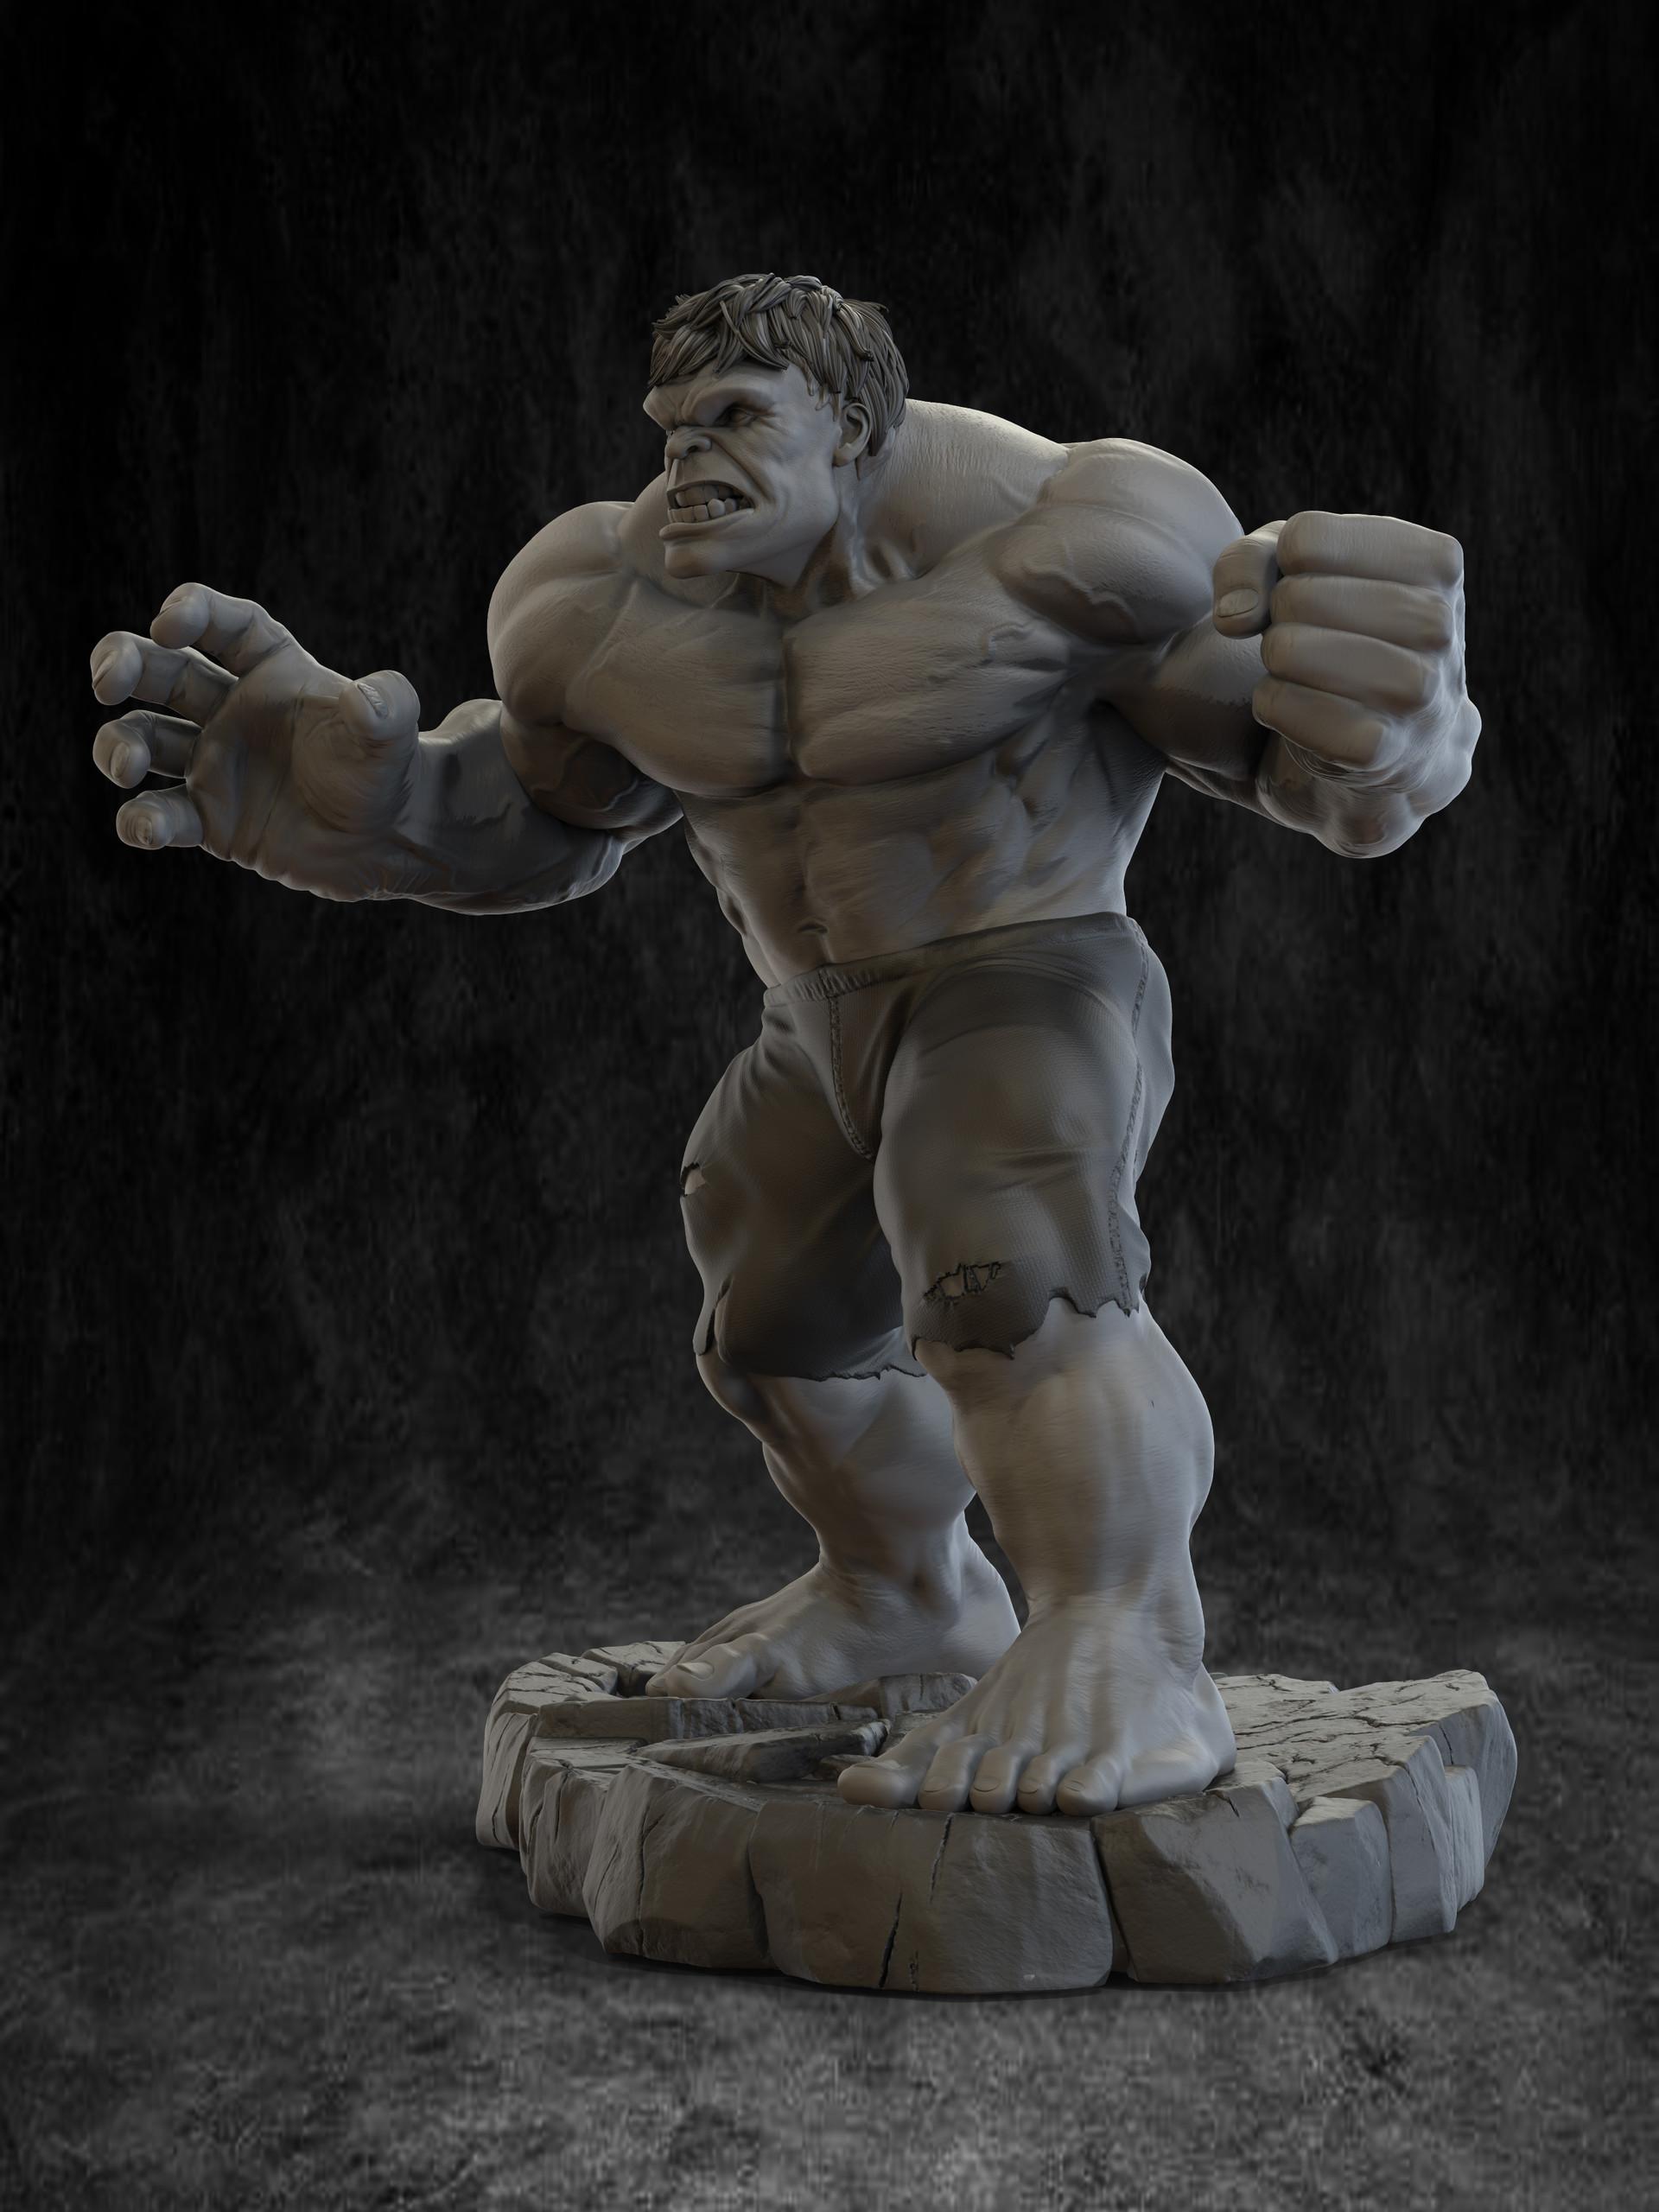 Will higgins hulk 06